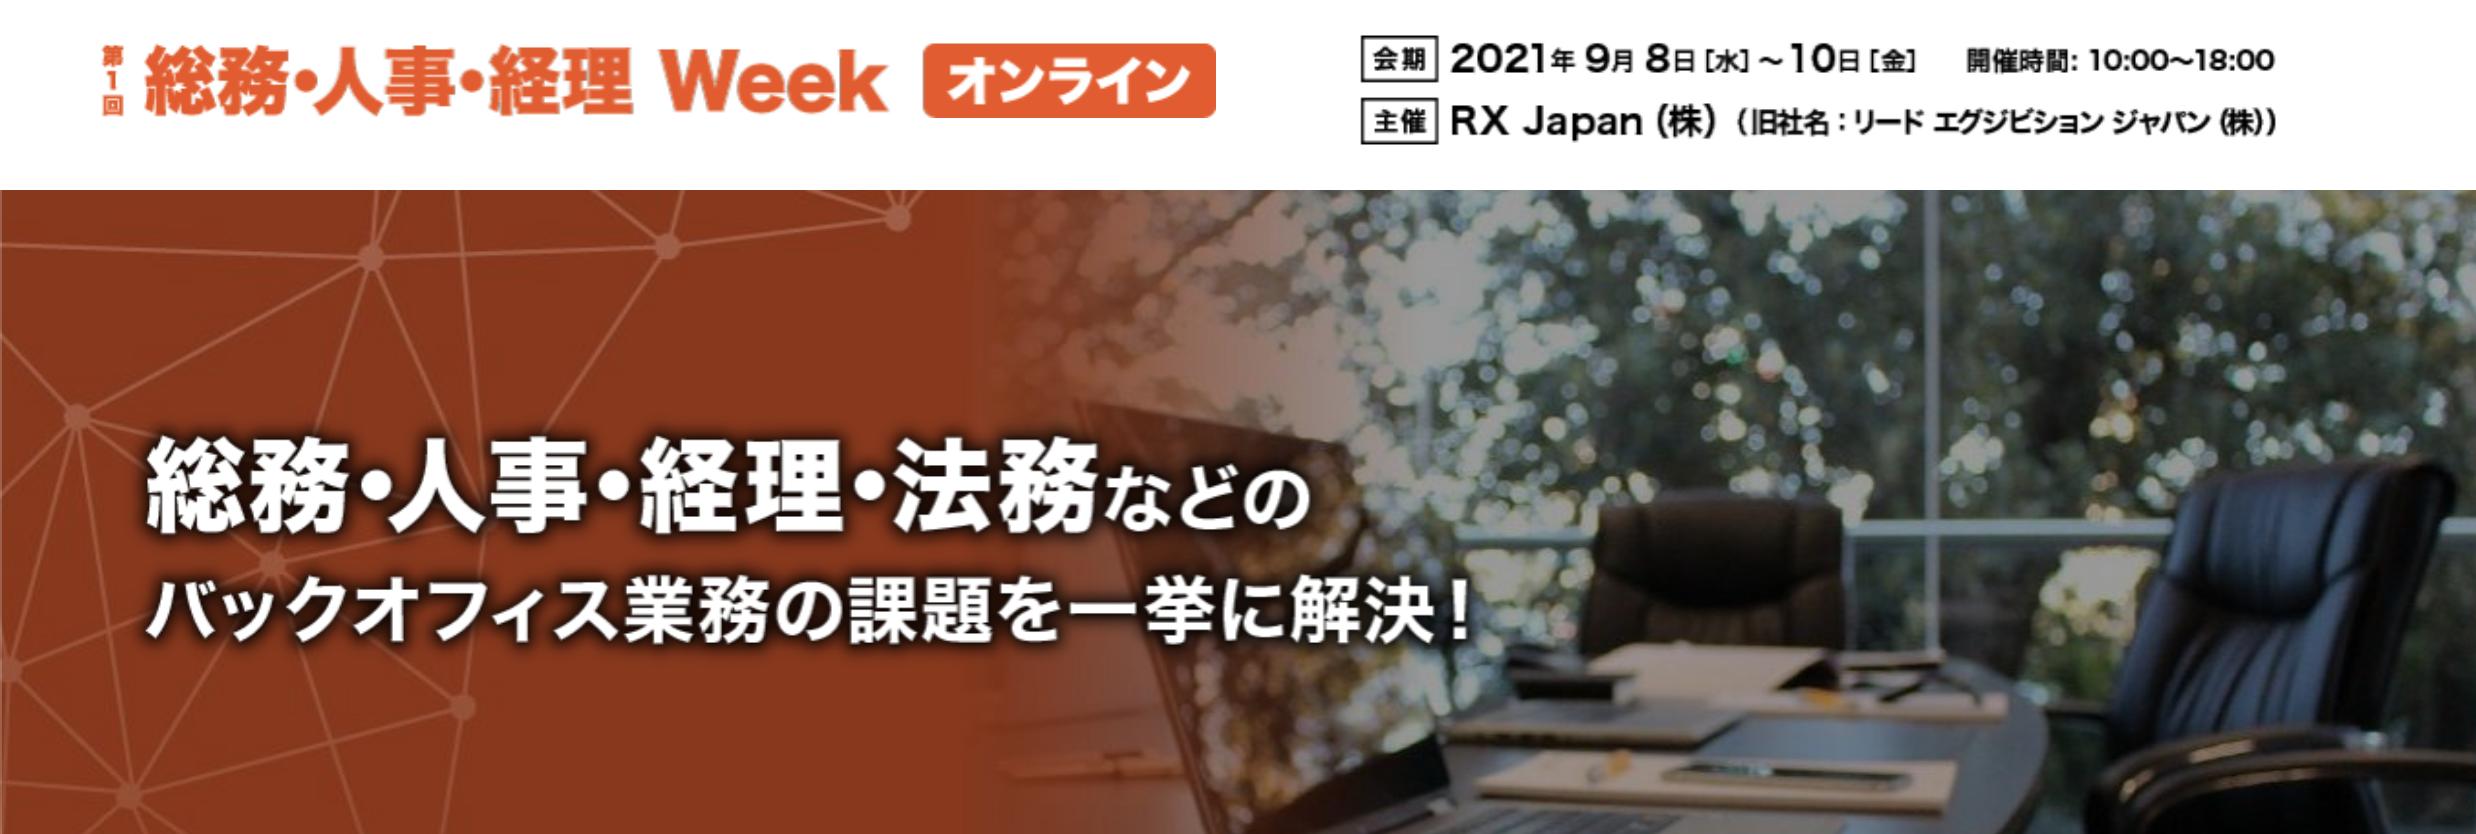 総務人事経理WEEKオンライン